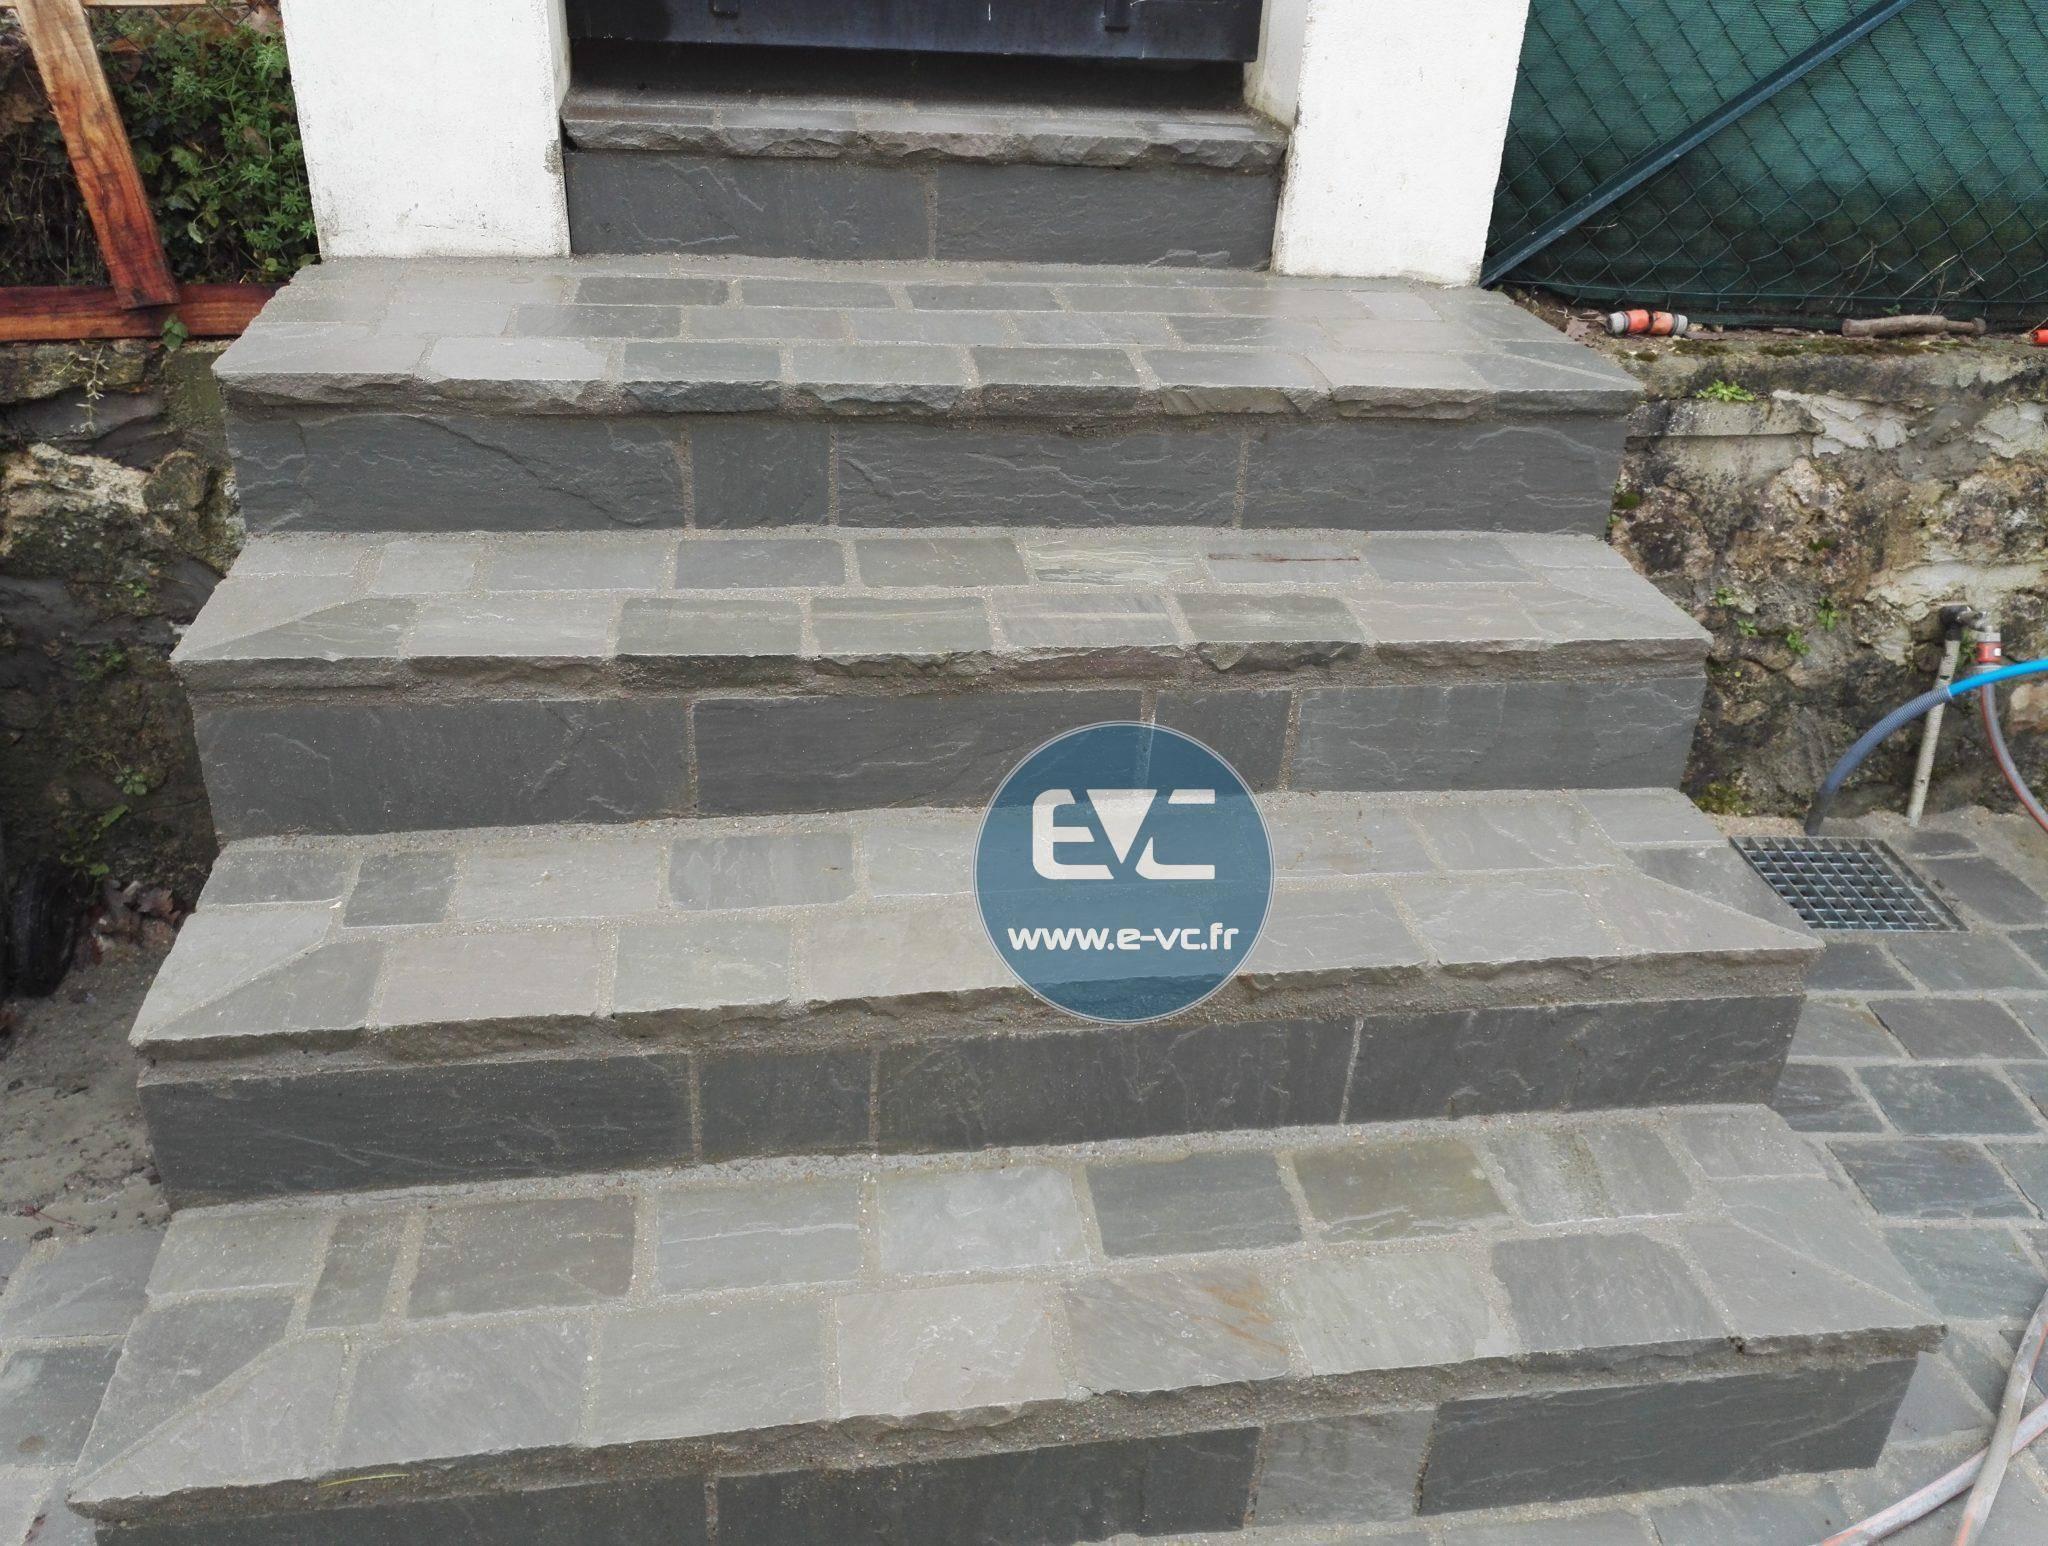 Marche d 39 escalier en pierre naturelle ent valente c for Marche escalier en pierre